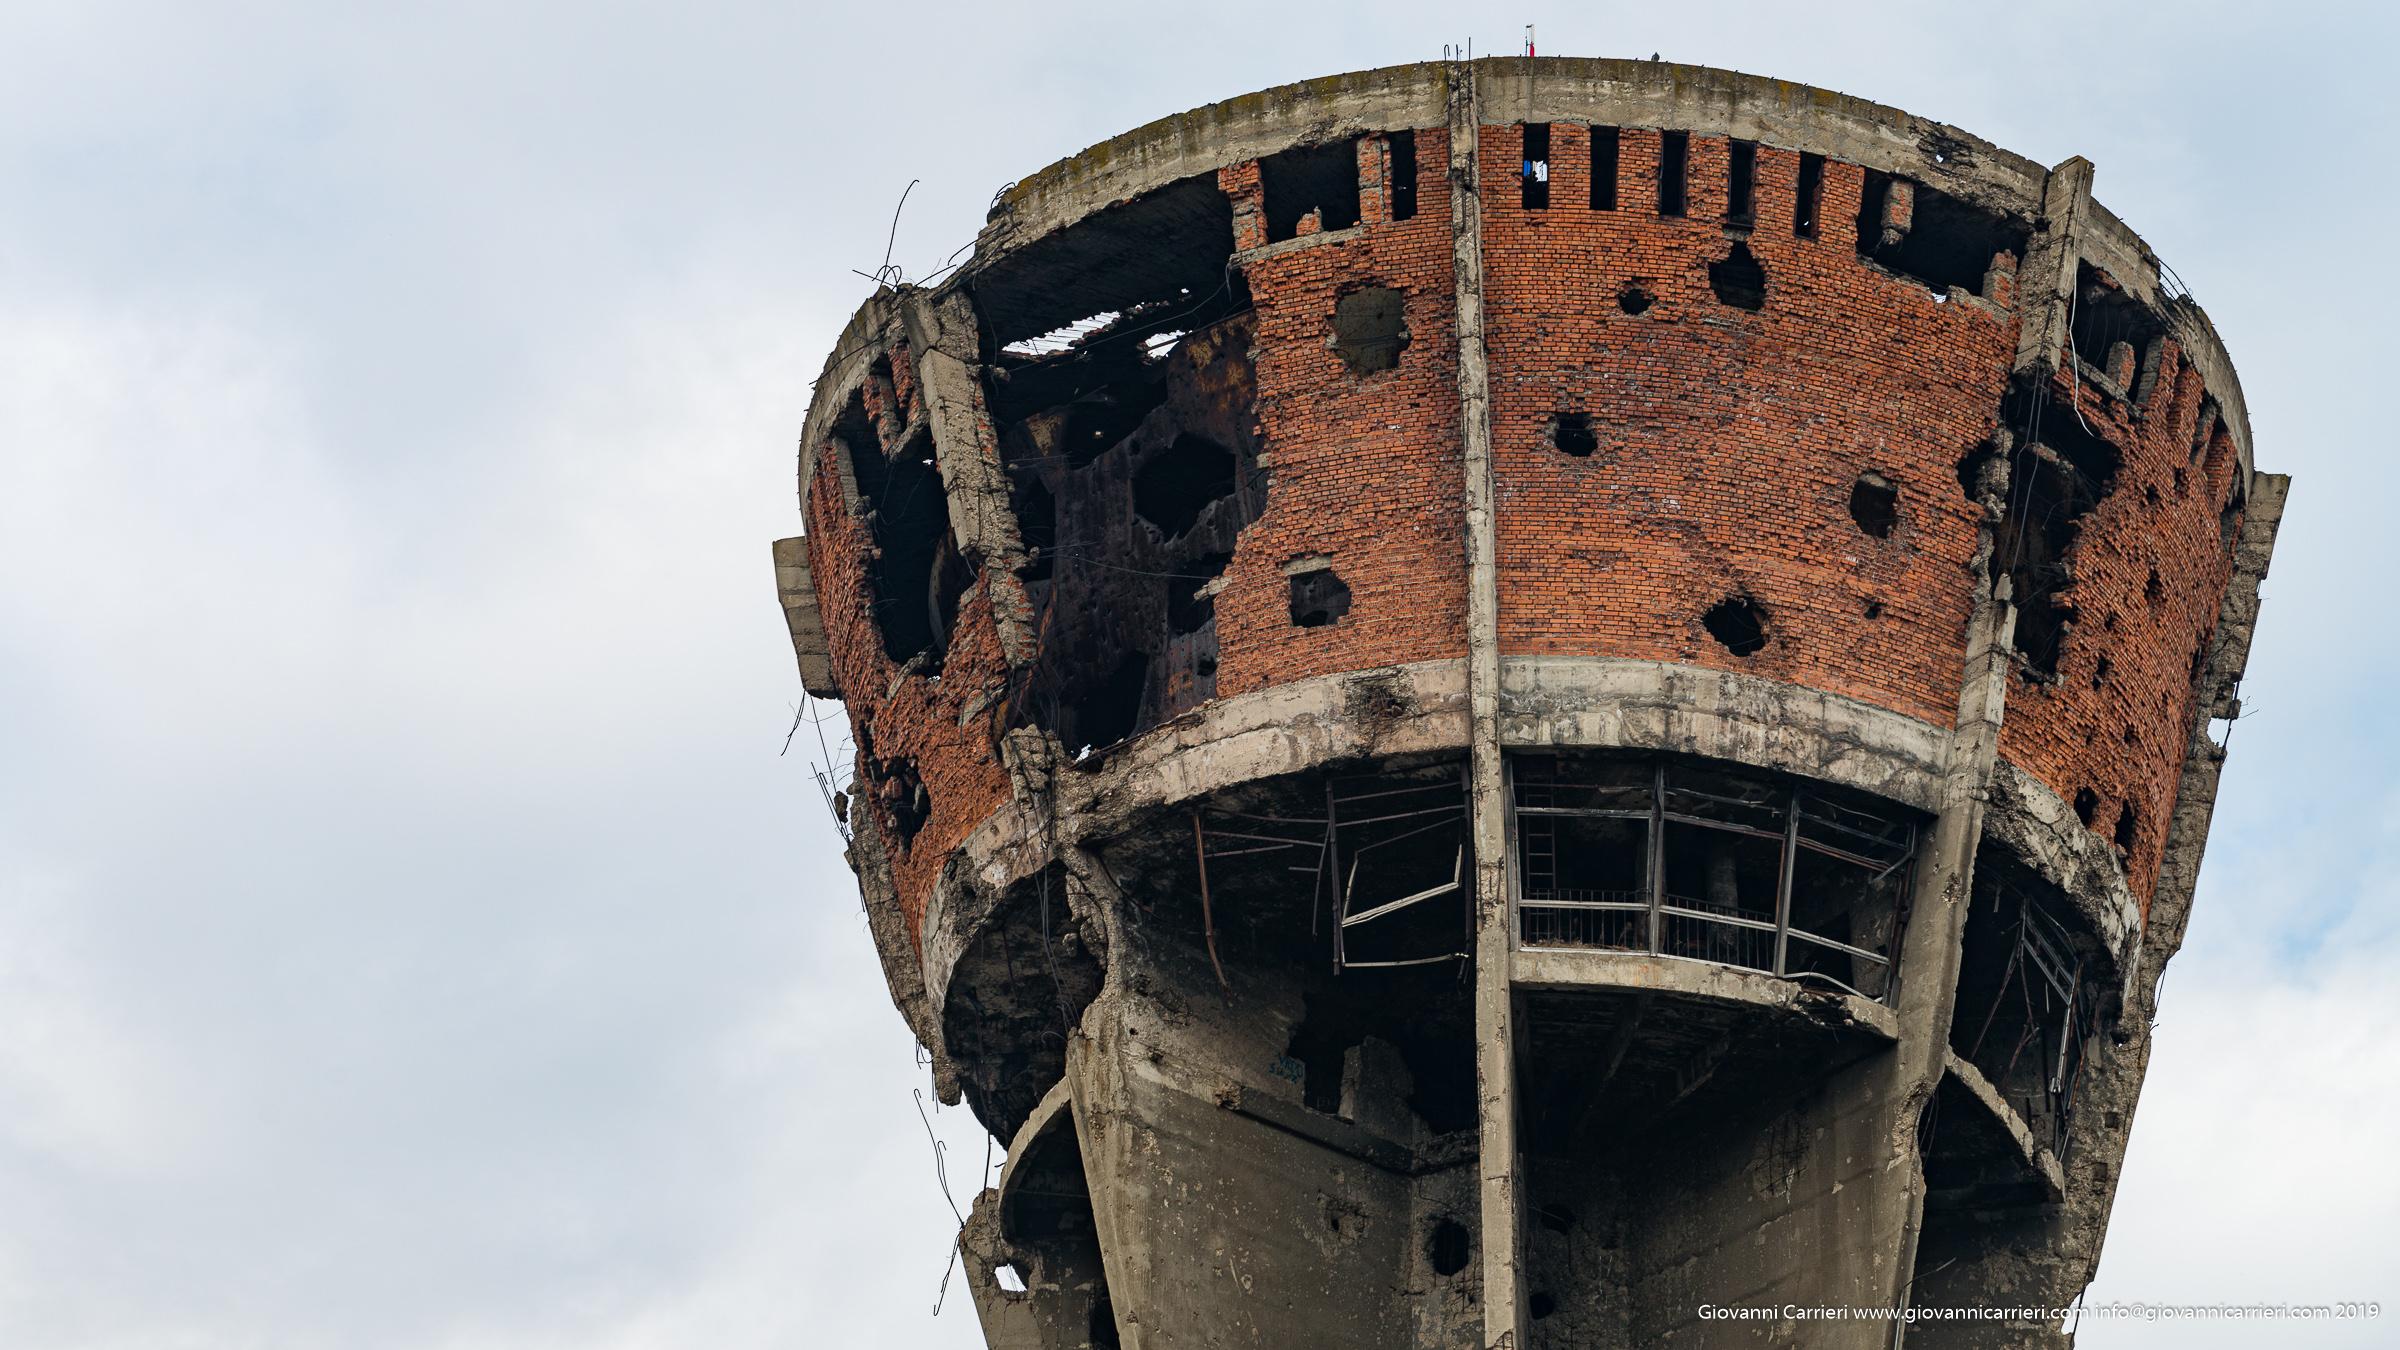 Dettaglio della torre dell'acqua